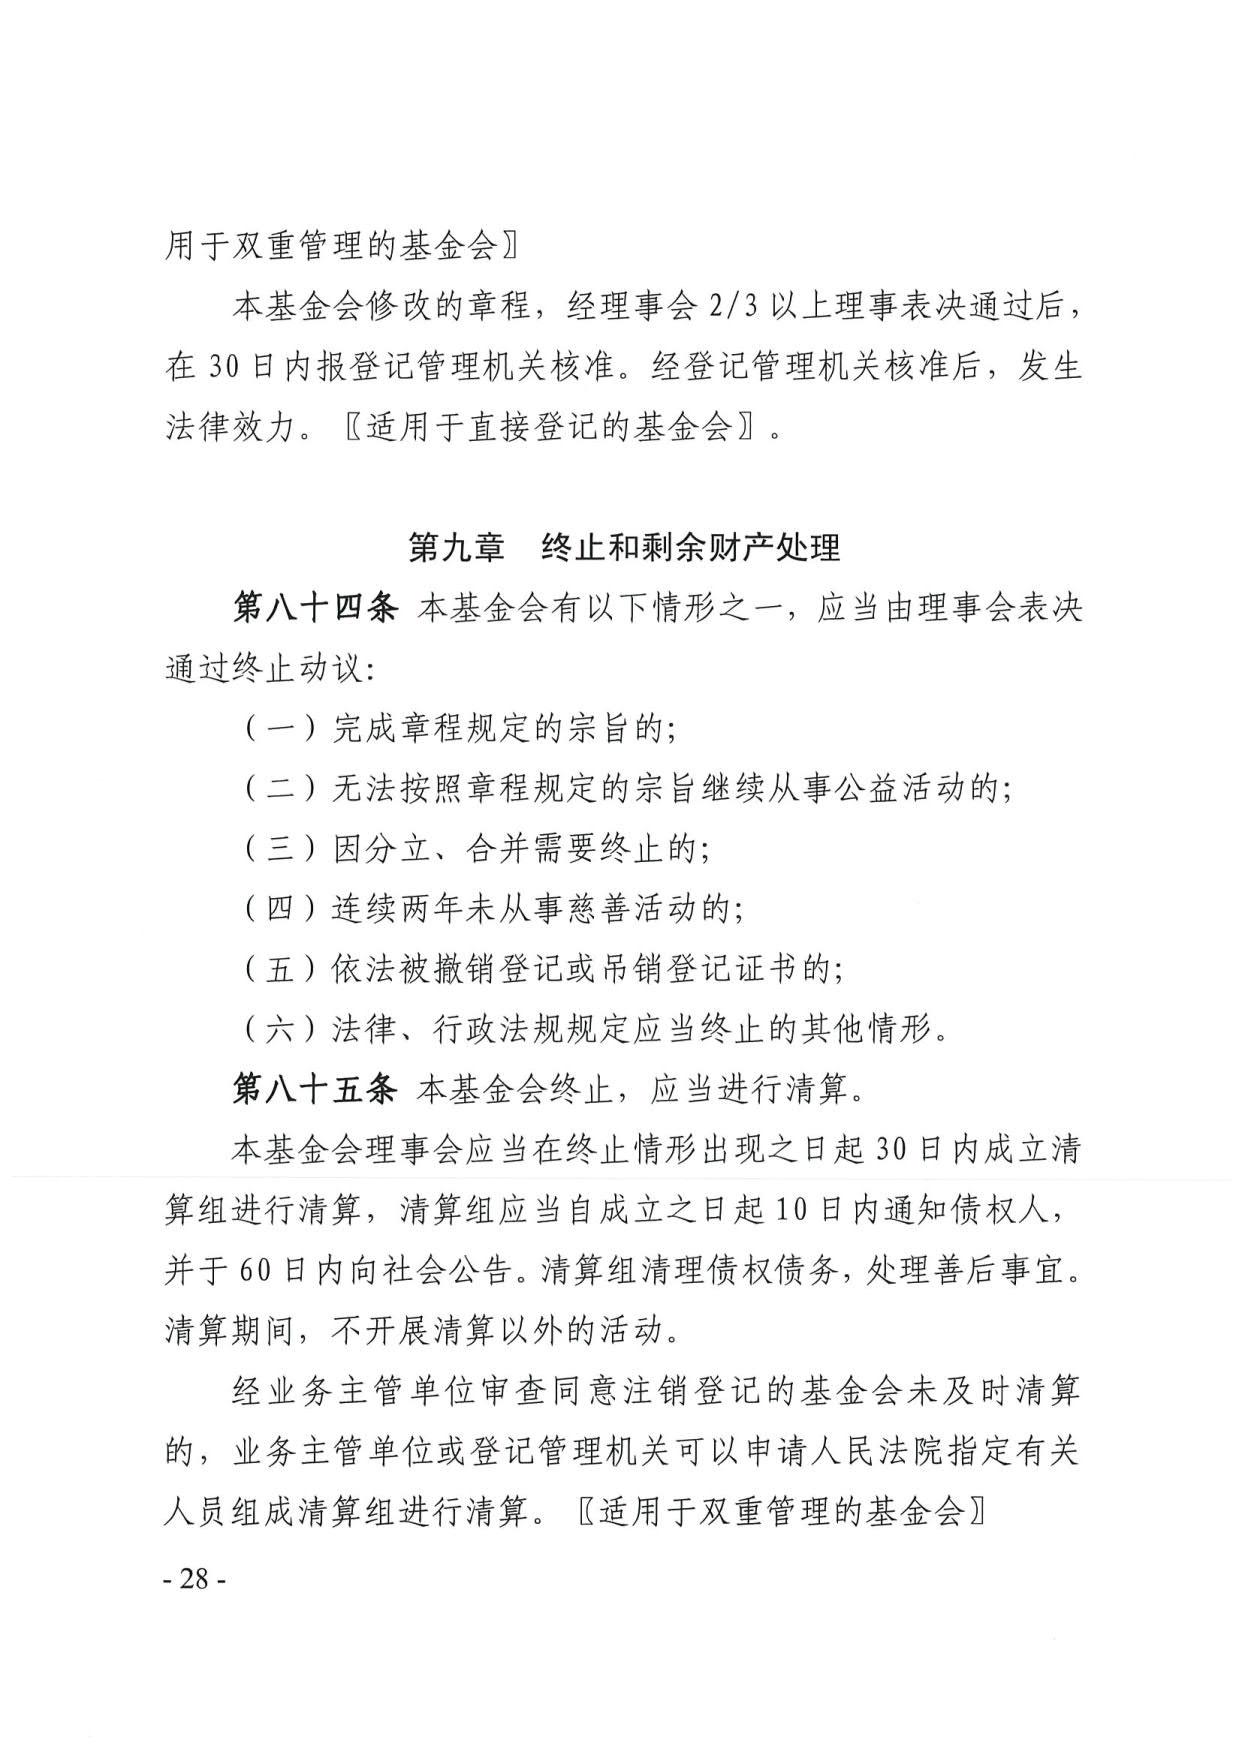 广东省民政厅关于印发《广东省基金会章程示范文本》的通知(4)_28.jpg